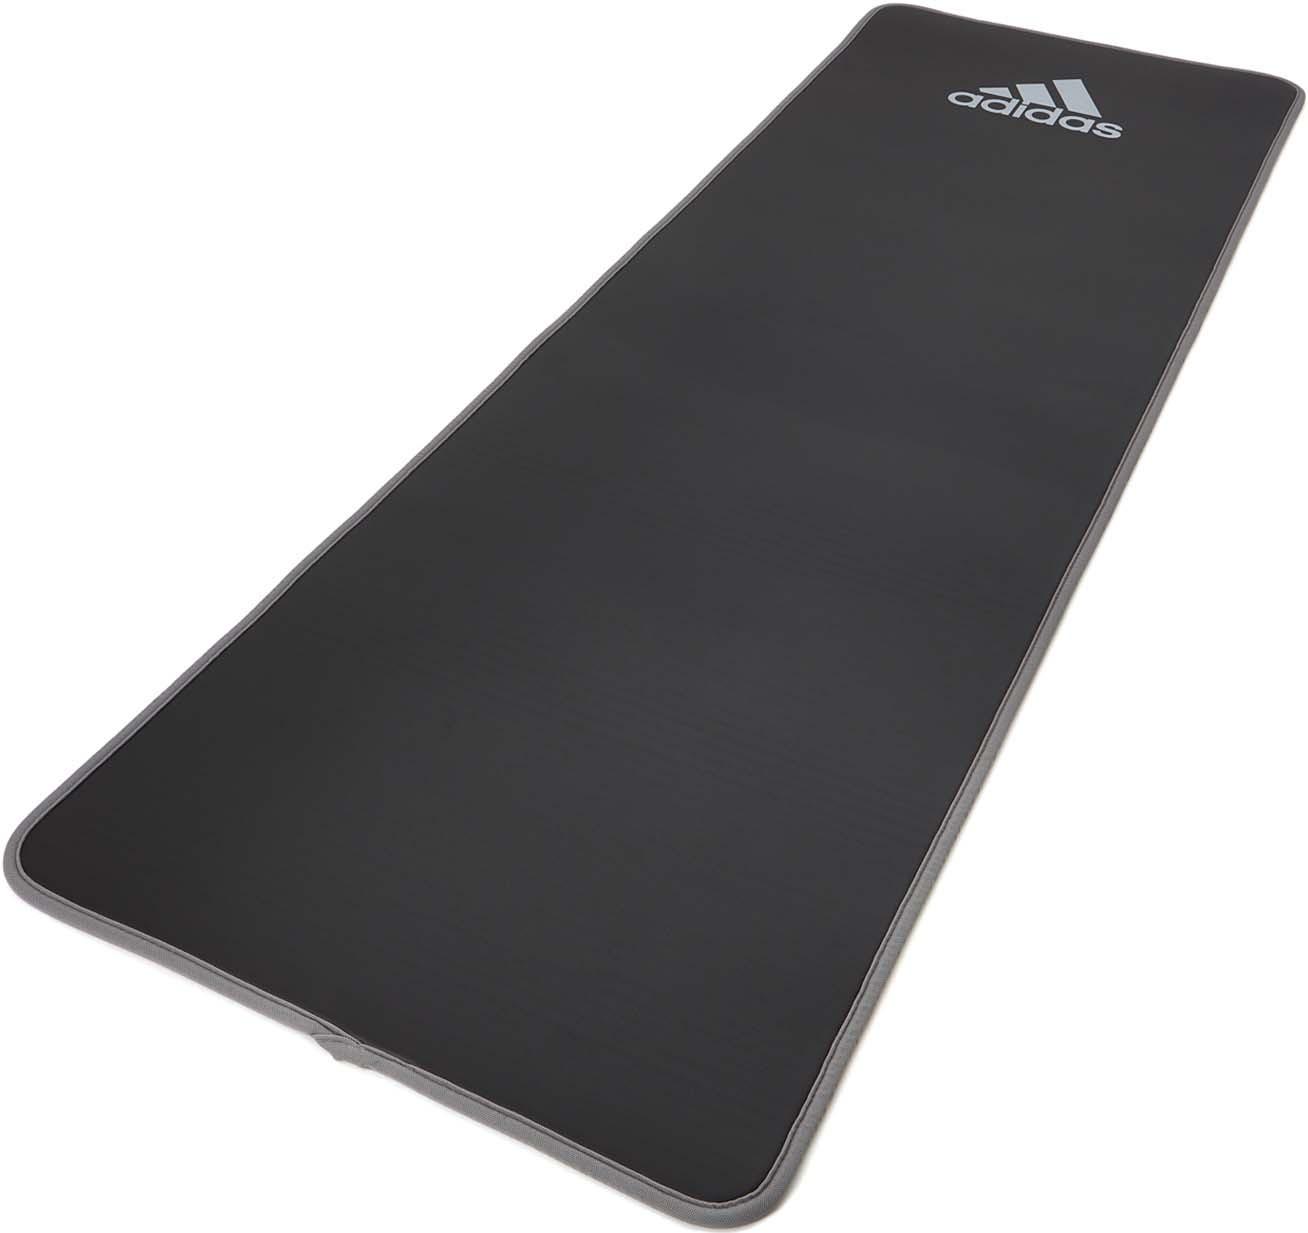 Коврик тренировочный Adidas, цвет: серый, толщина 10 мм, длина 183 см